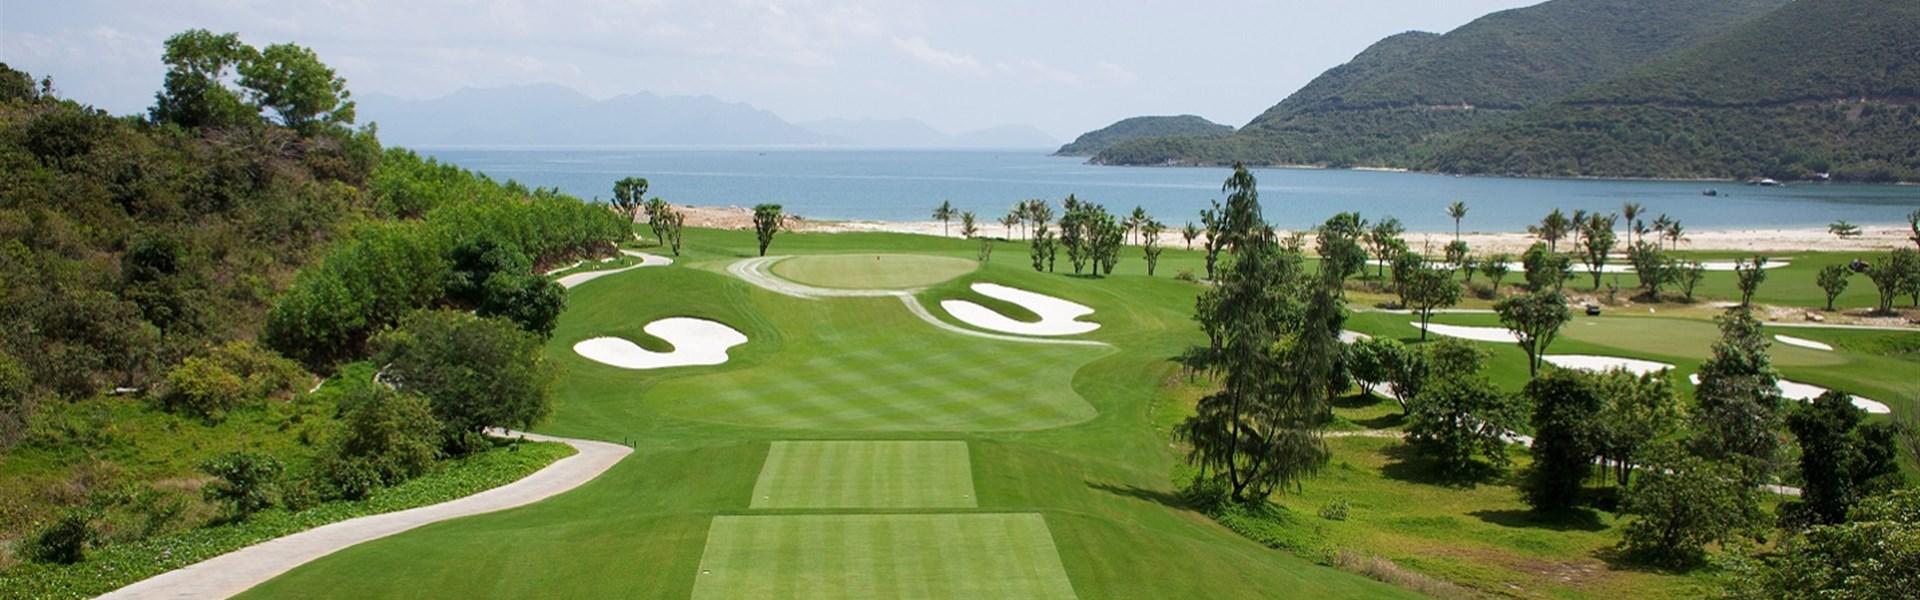 Golf ve Vietnamu - Centrální Vietnam - skupina - Hoi An - Vinpearl golf course - Golf ve Vietnamu